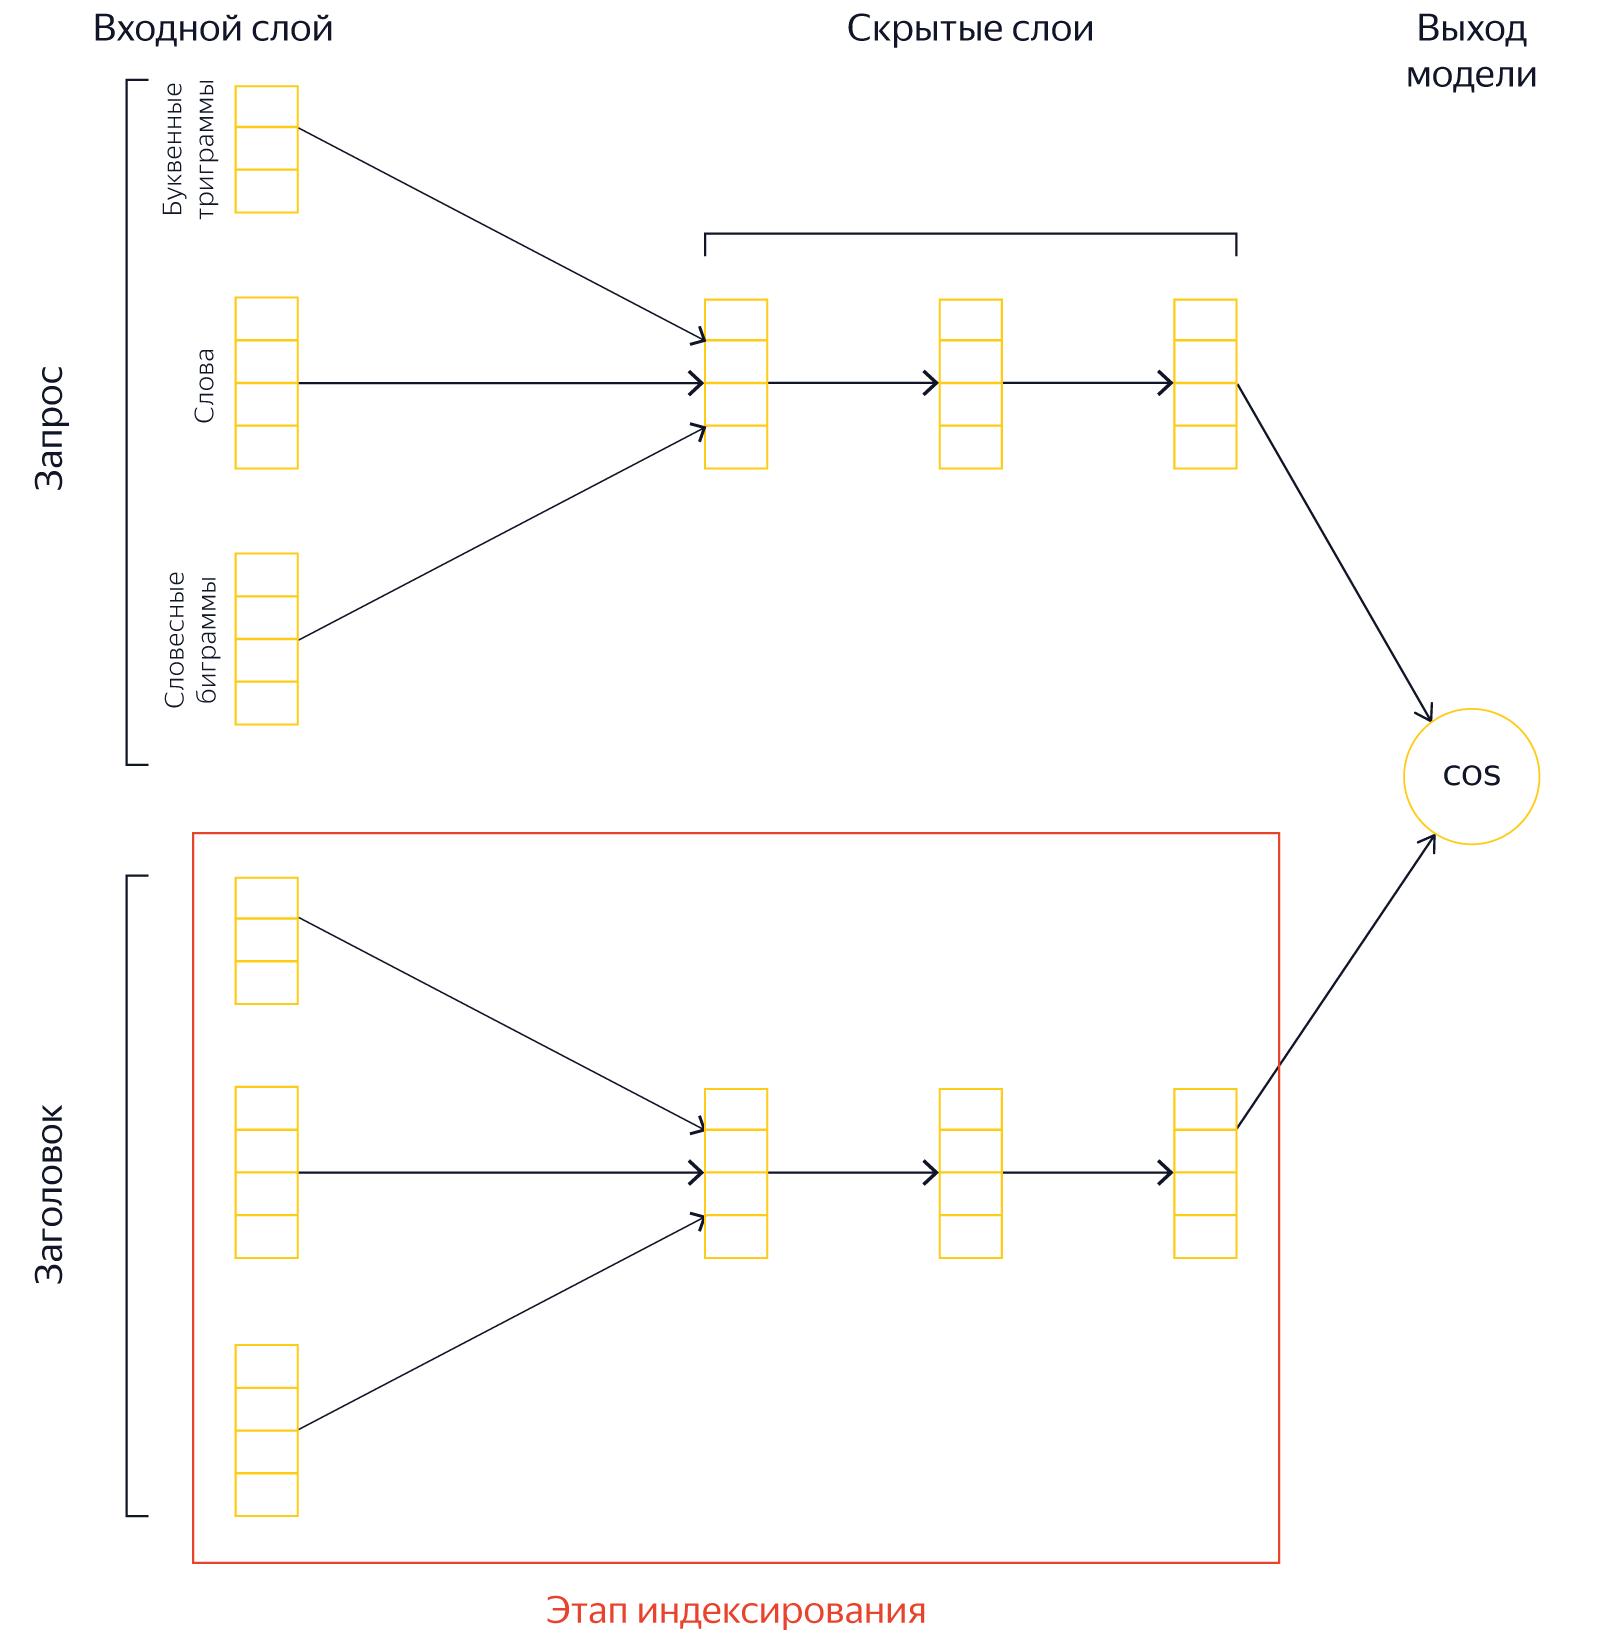 Как Яндекс научил искусственный интеллект понимать смысл документов - 4